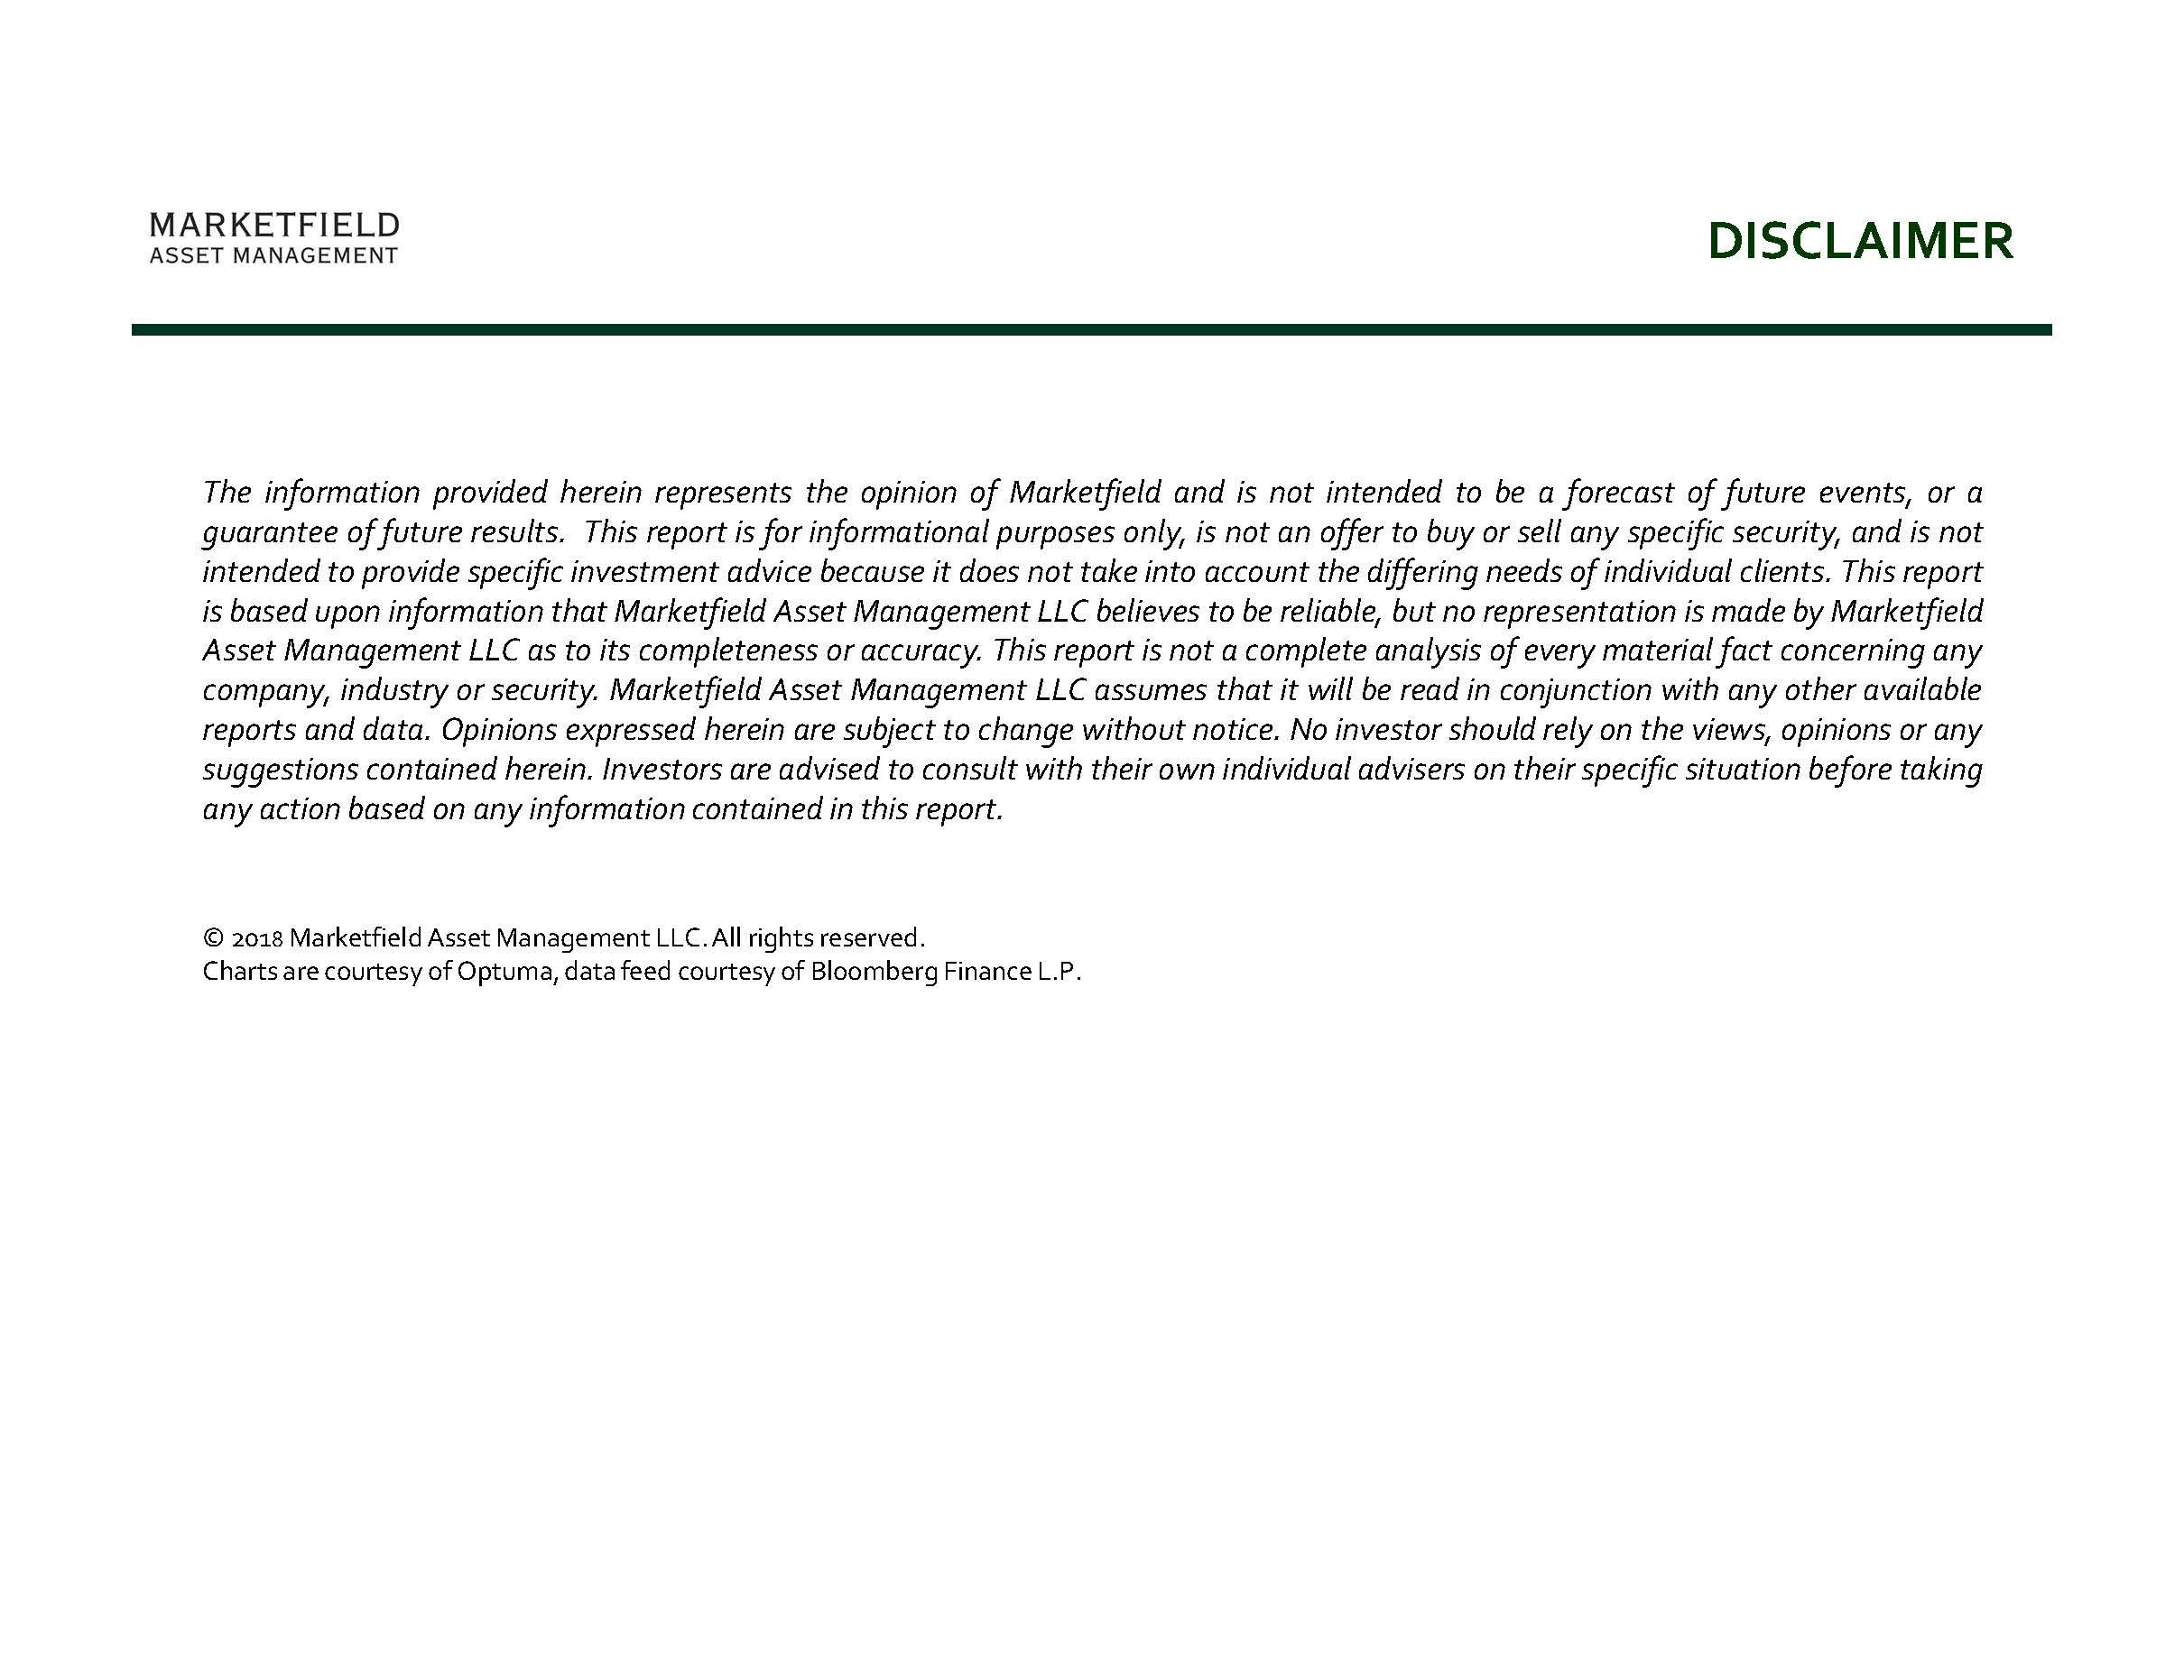 11-29-18_WeeklySpeculator_Page_14.jpg